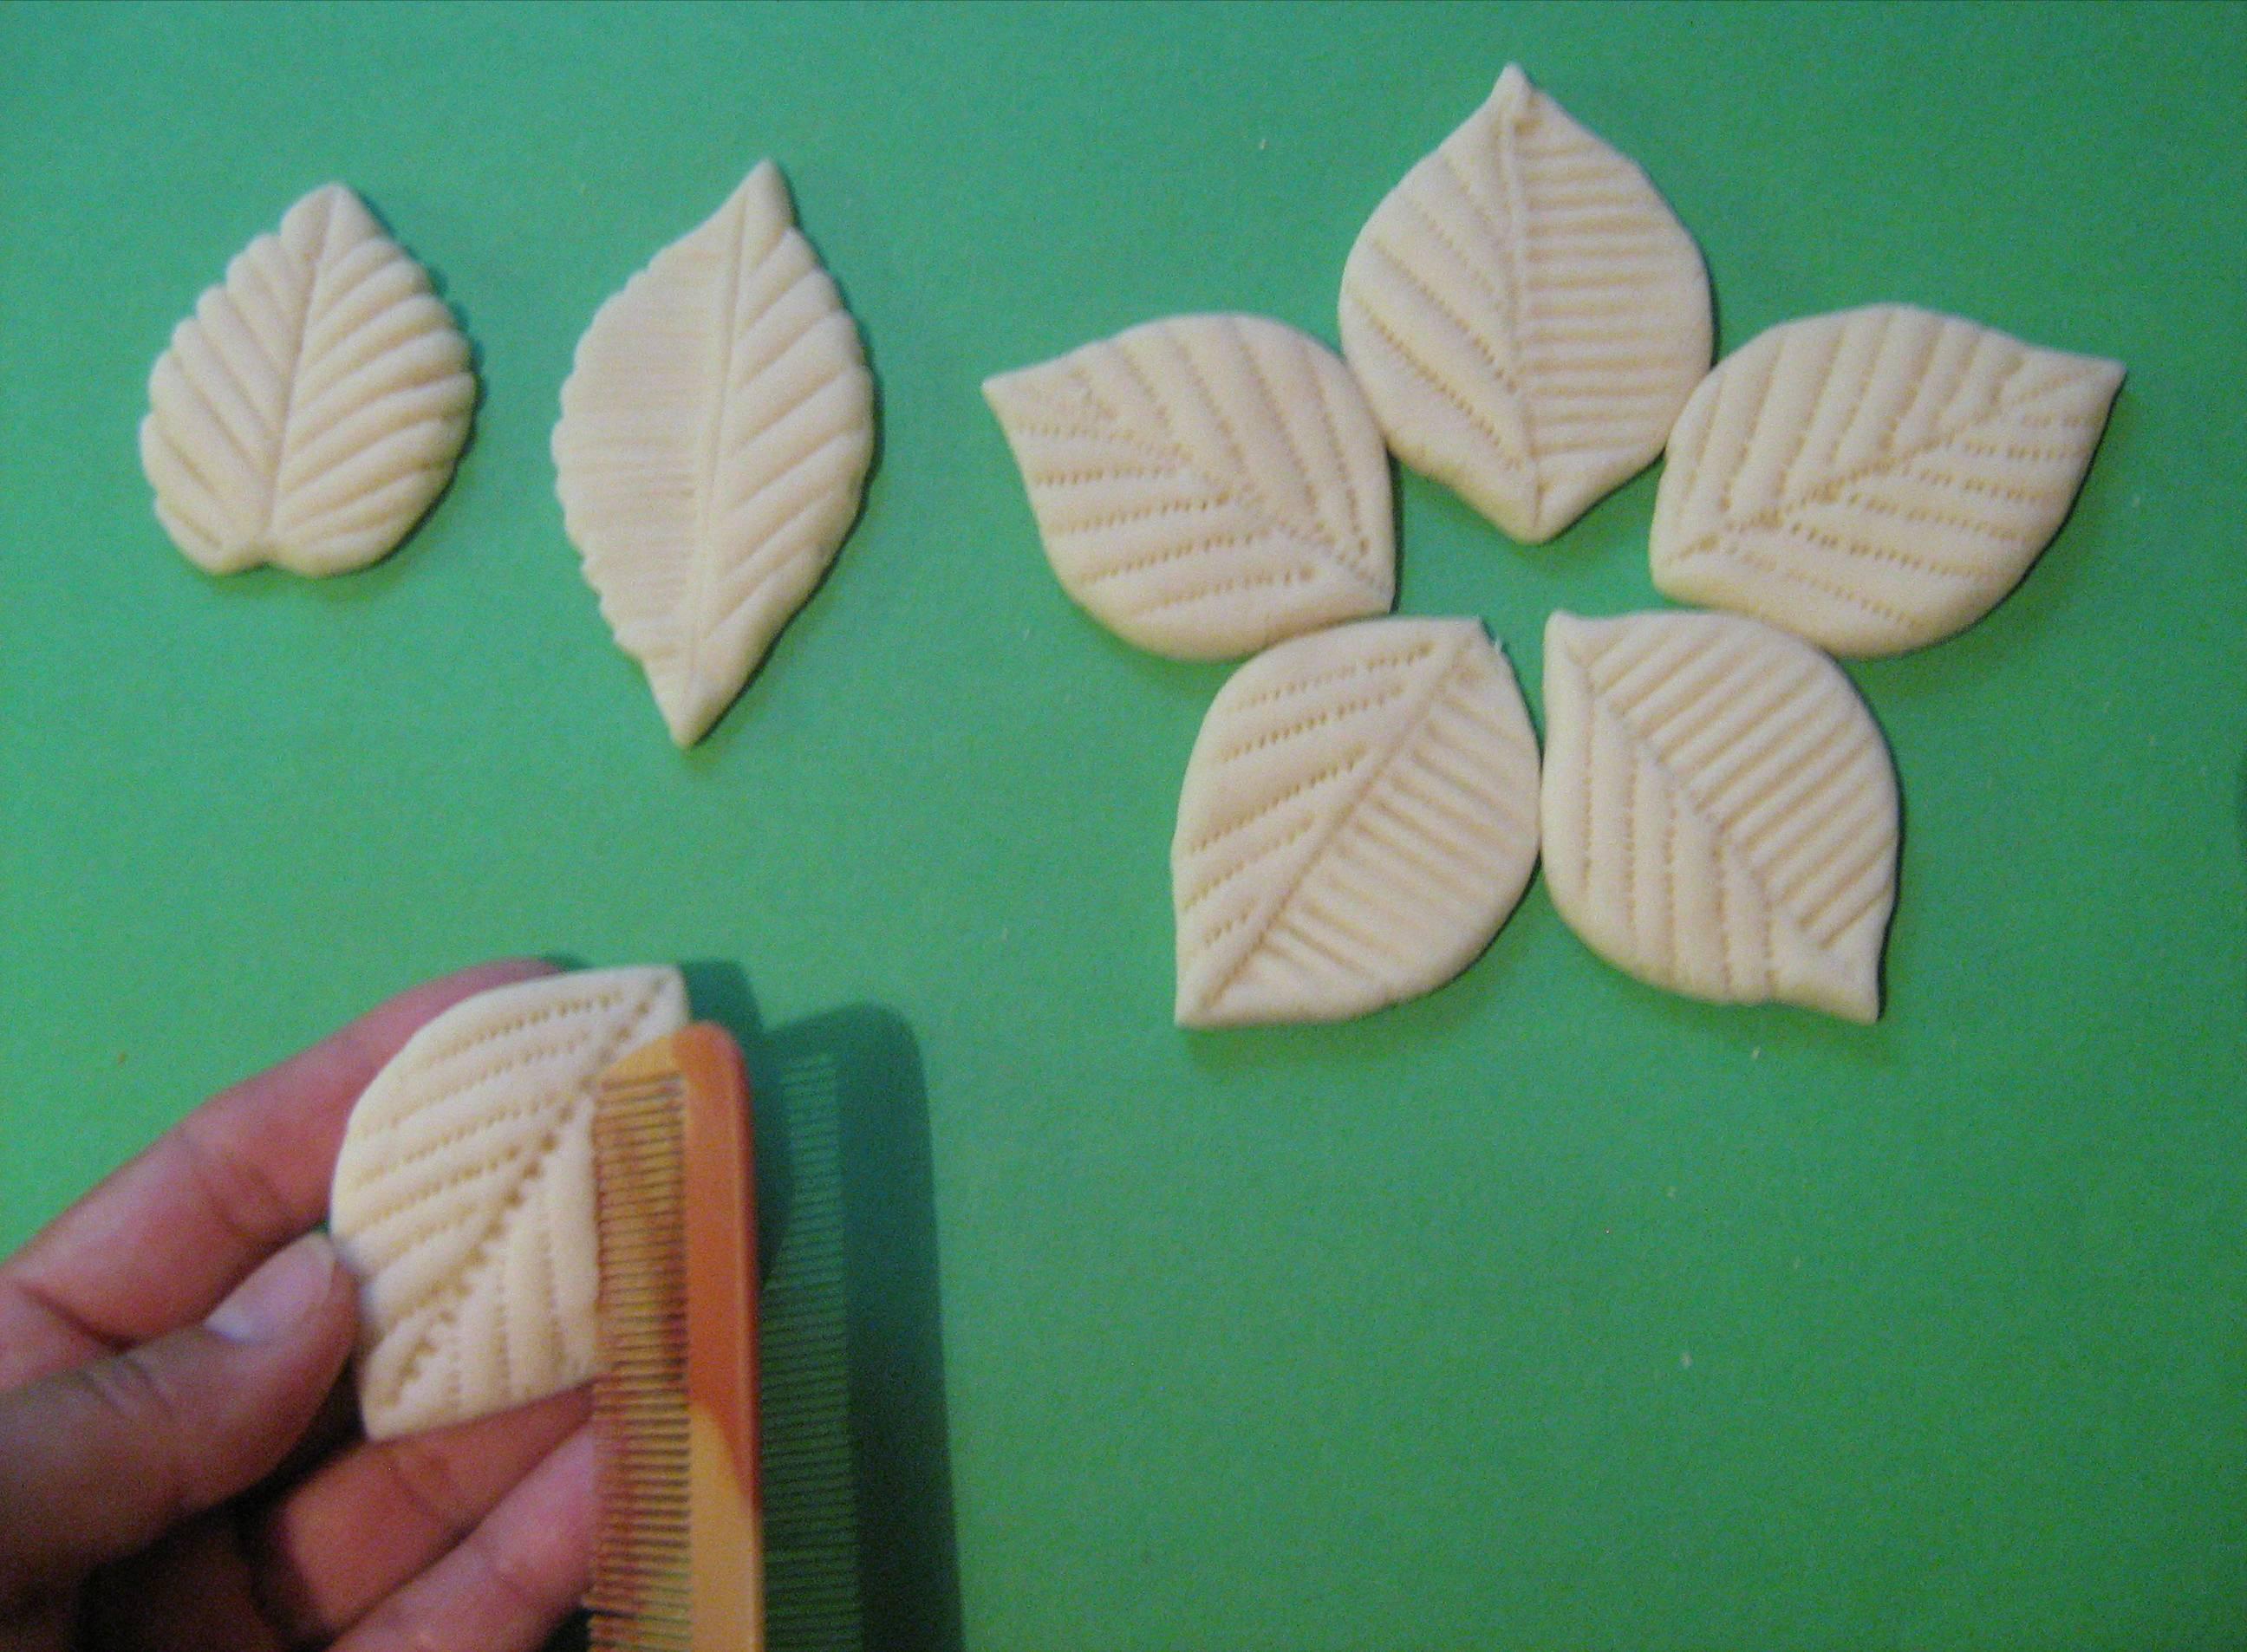 Цветы и листья из соленого теста мастер-класс - Колобок